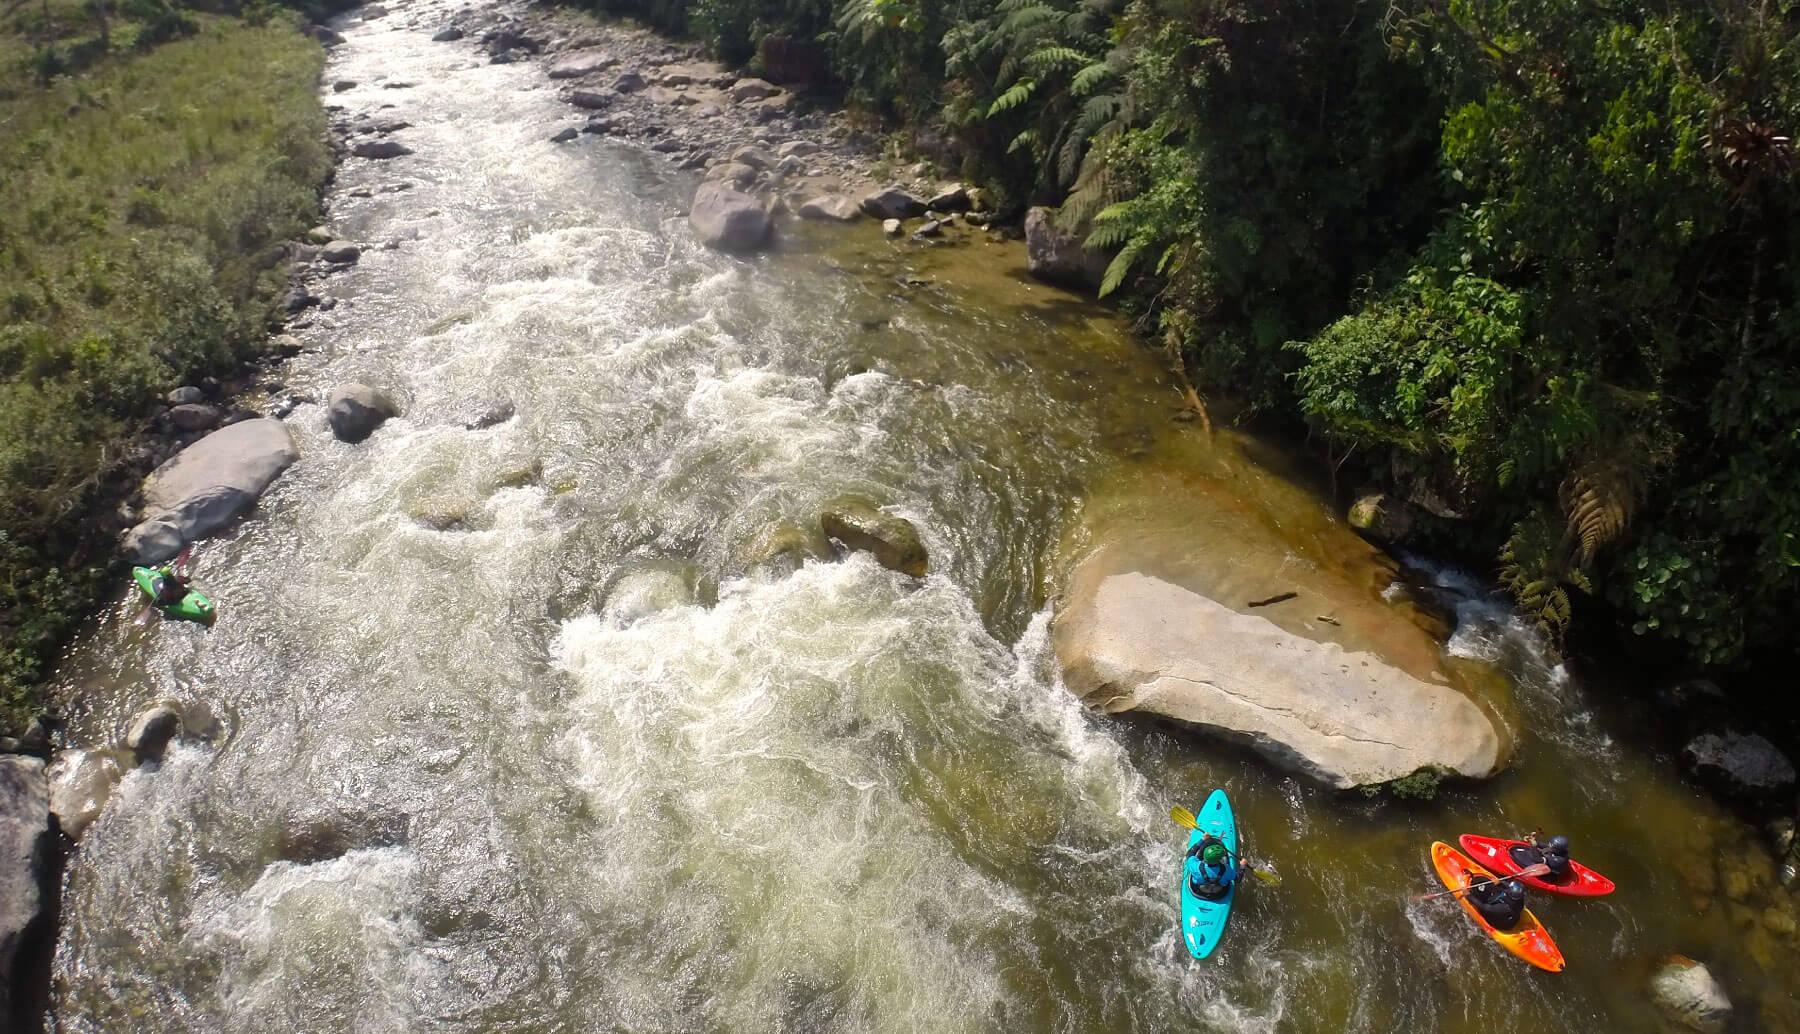 whitewater kayak ecuador   kayak guided trip south america